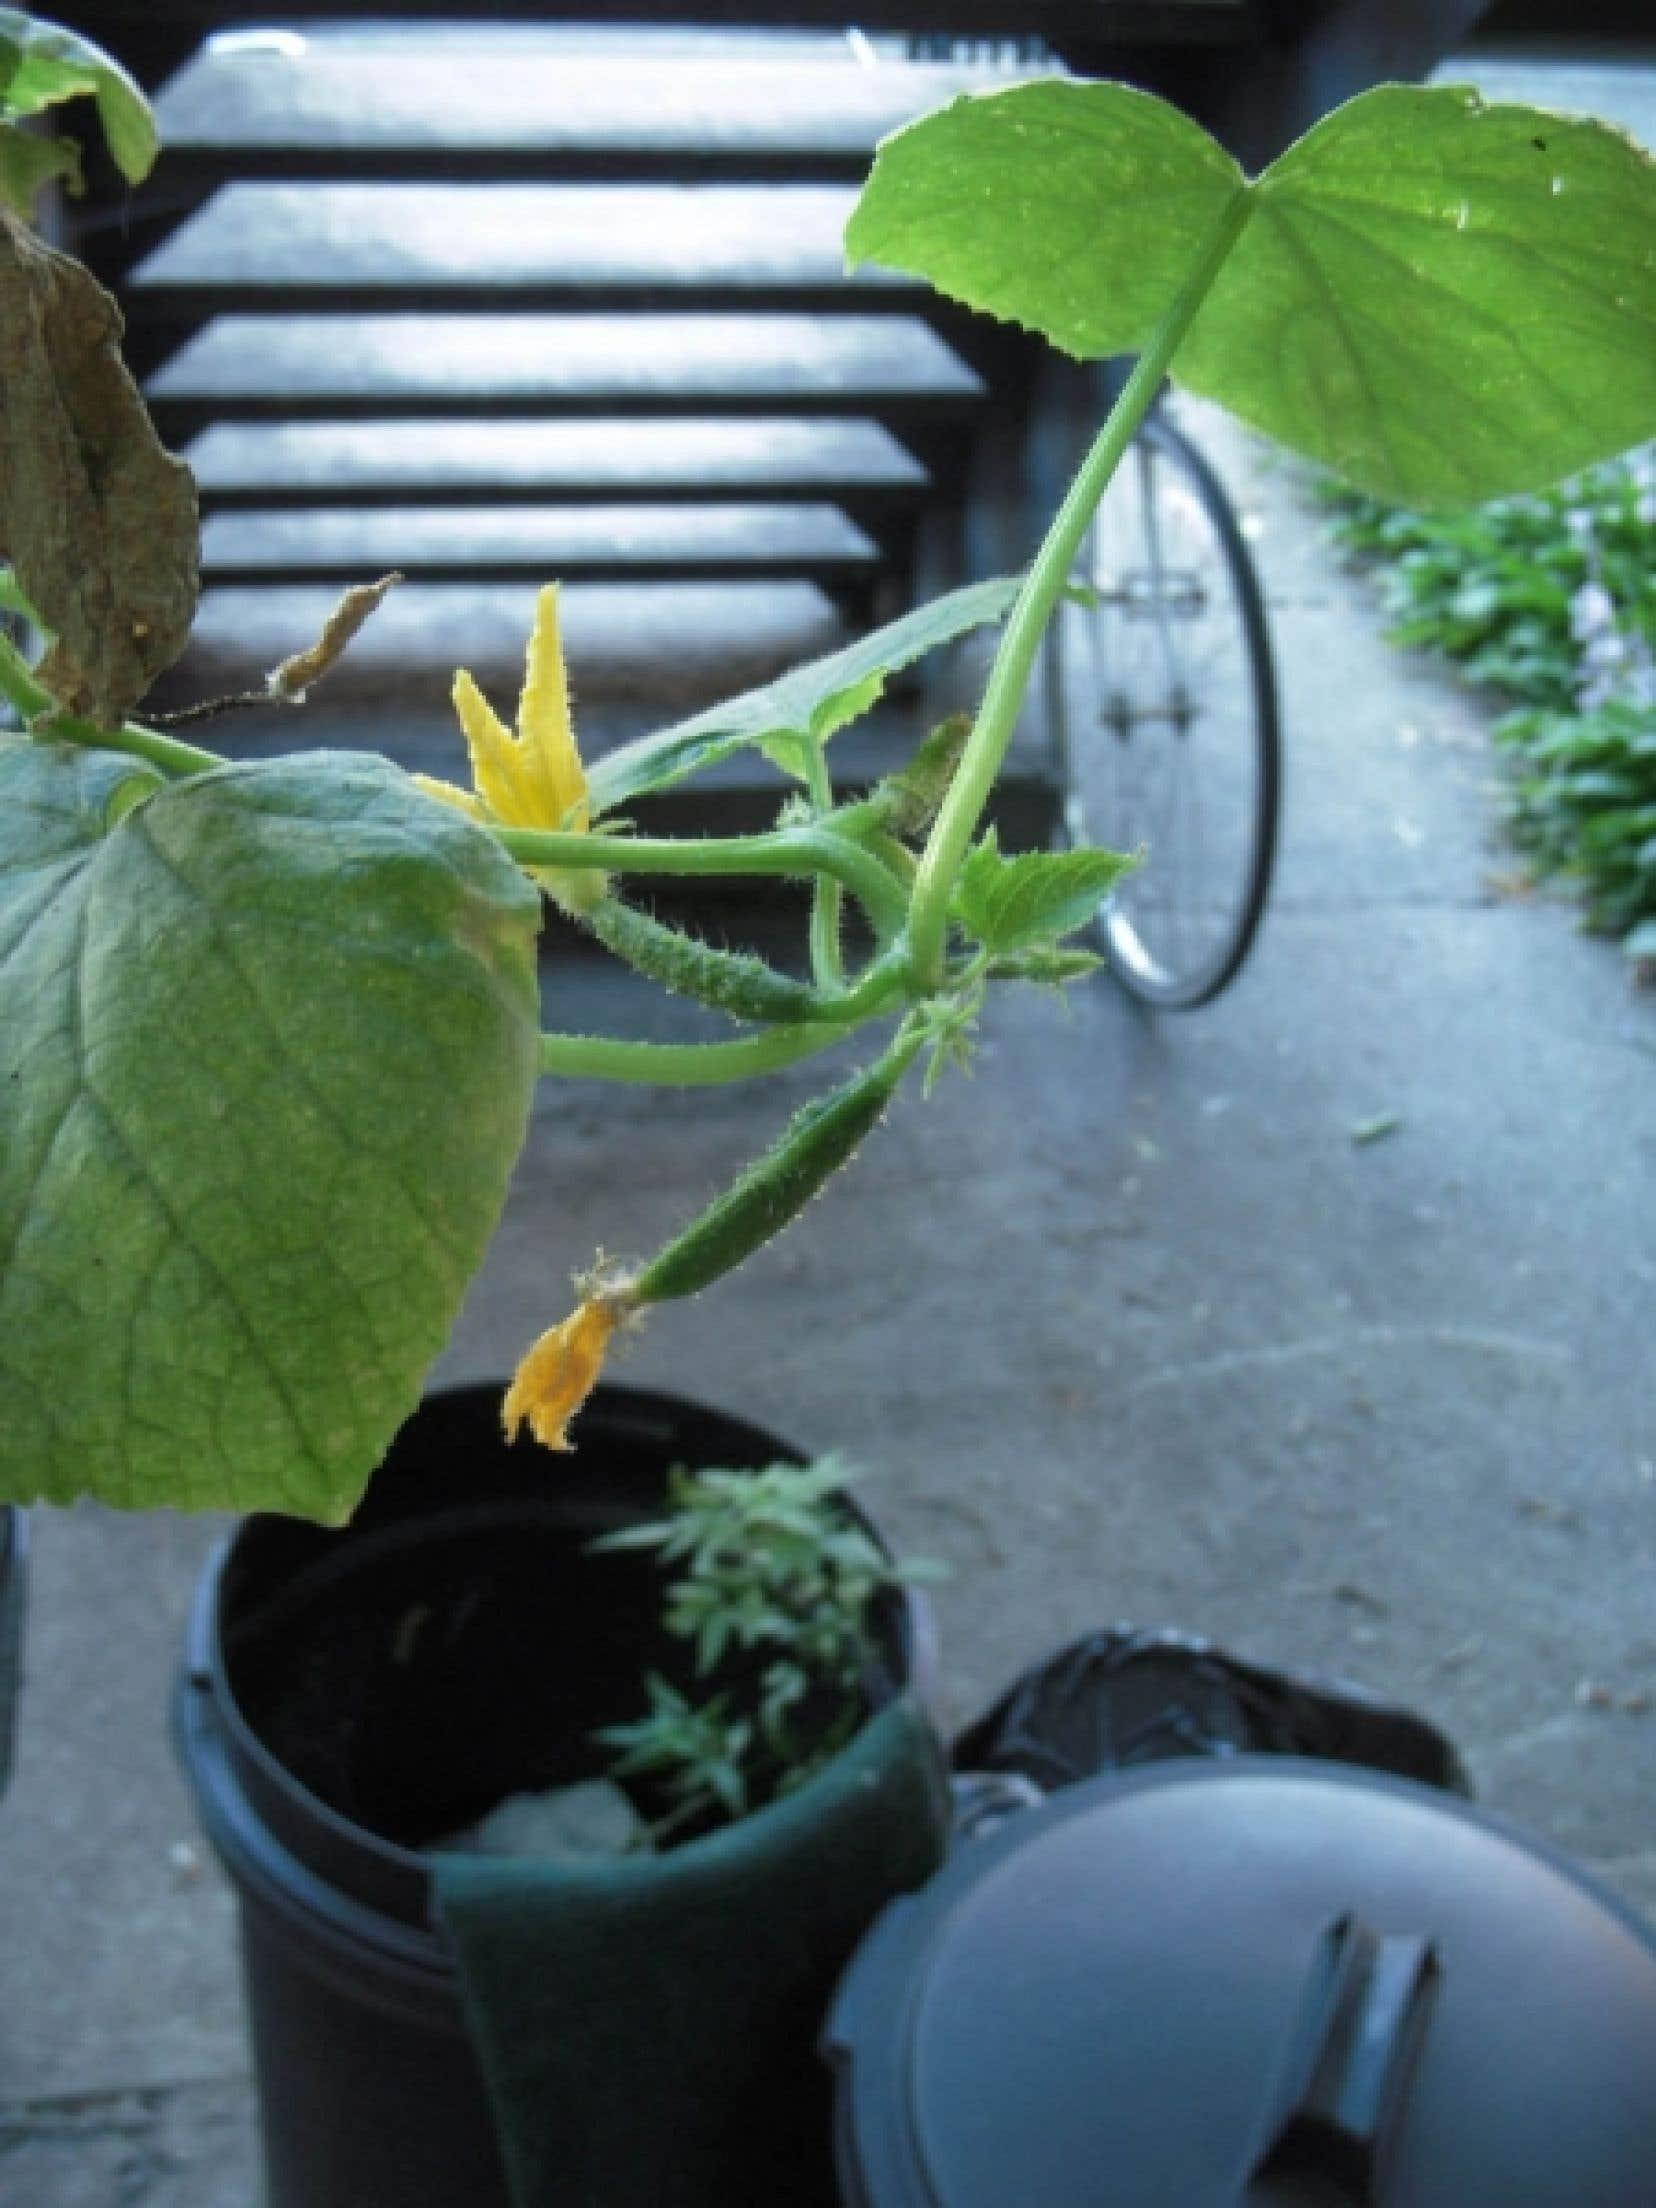 Depuis trois mois, ce plant de concombres libanais joue les agaces et titille la jardini&egrave;re, sans jamais porter ses fruits &agrave; maturit&eacute;. <br />